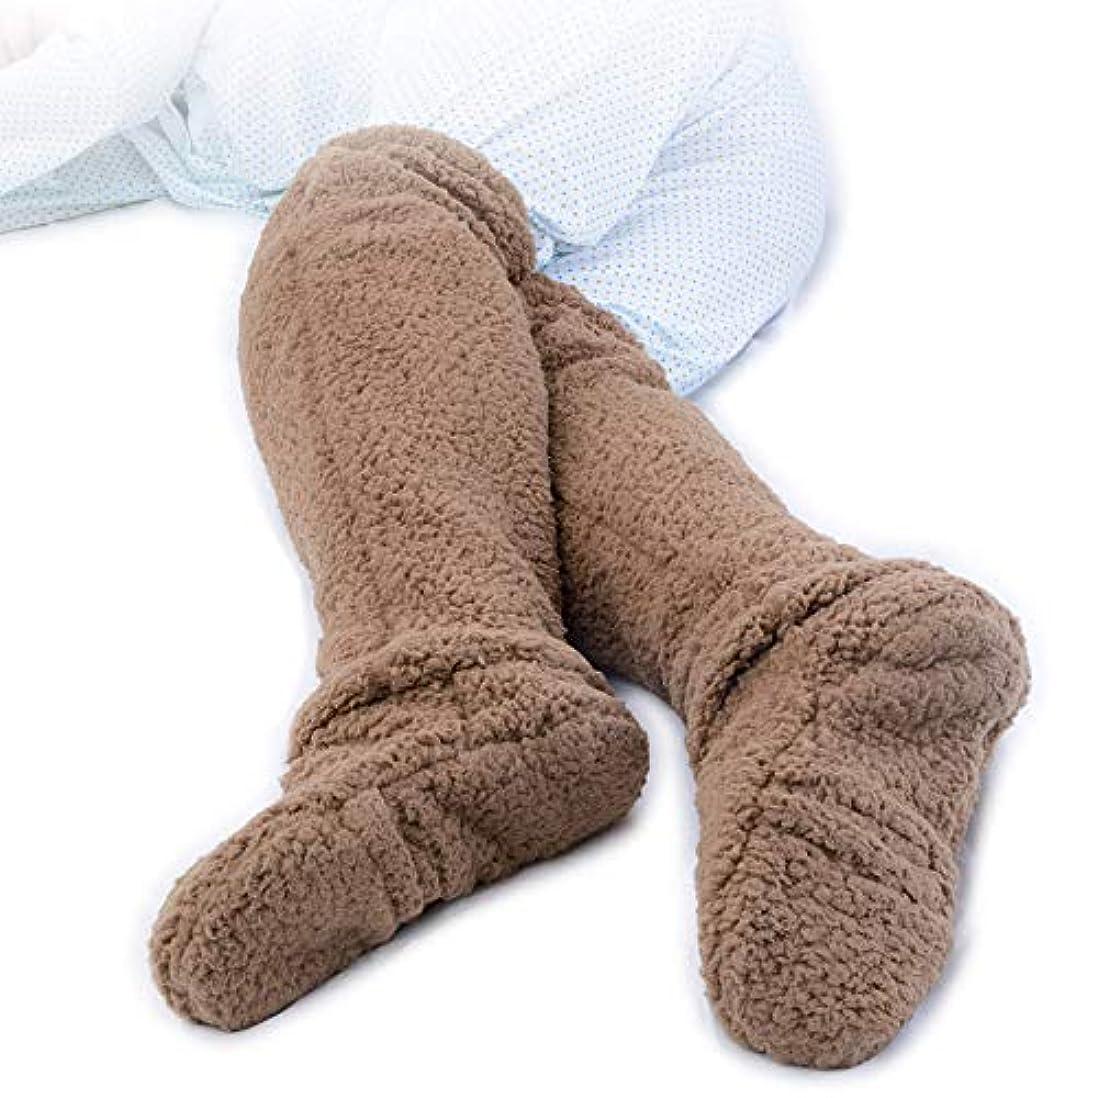 吐き出す温度アクセシブルヒートソックス,Enteriza 極暖 防寒 足が出せるロングカバー あったかグッズ ルームシューズ 男女兼用 2重フリース生地 室内履き 軽量 洗える